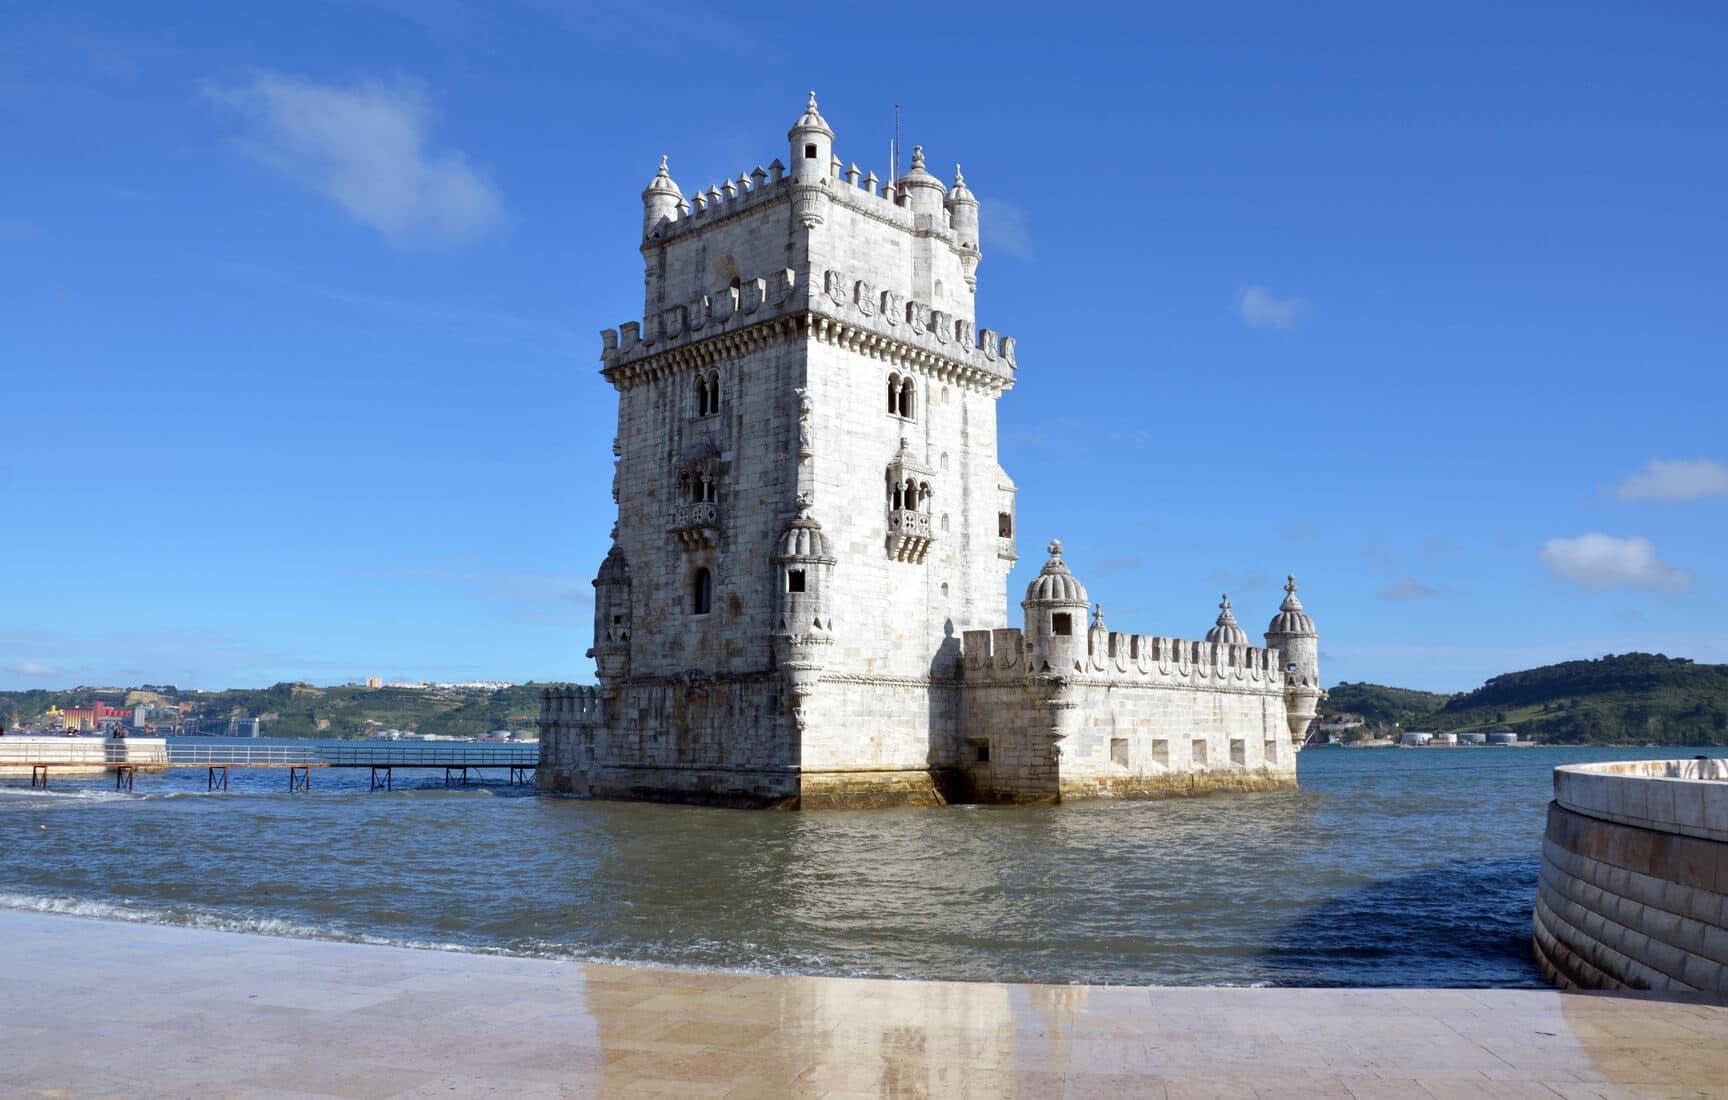 6 days in Portugal: Belem, Lisbon